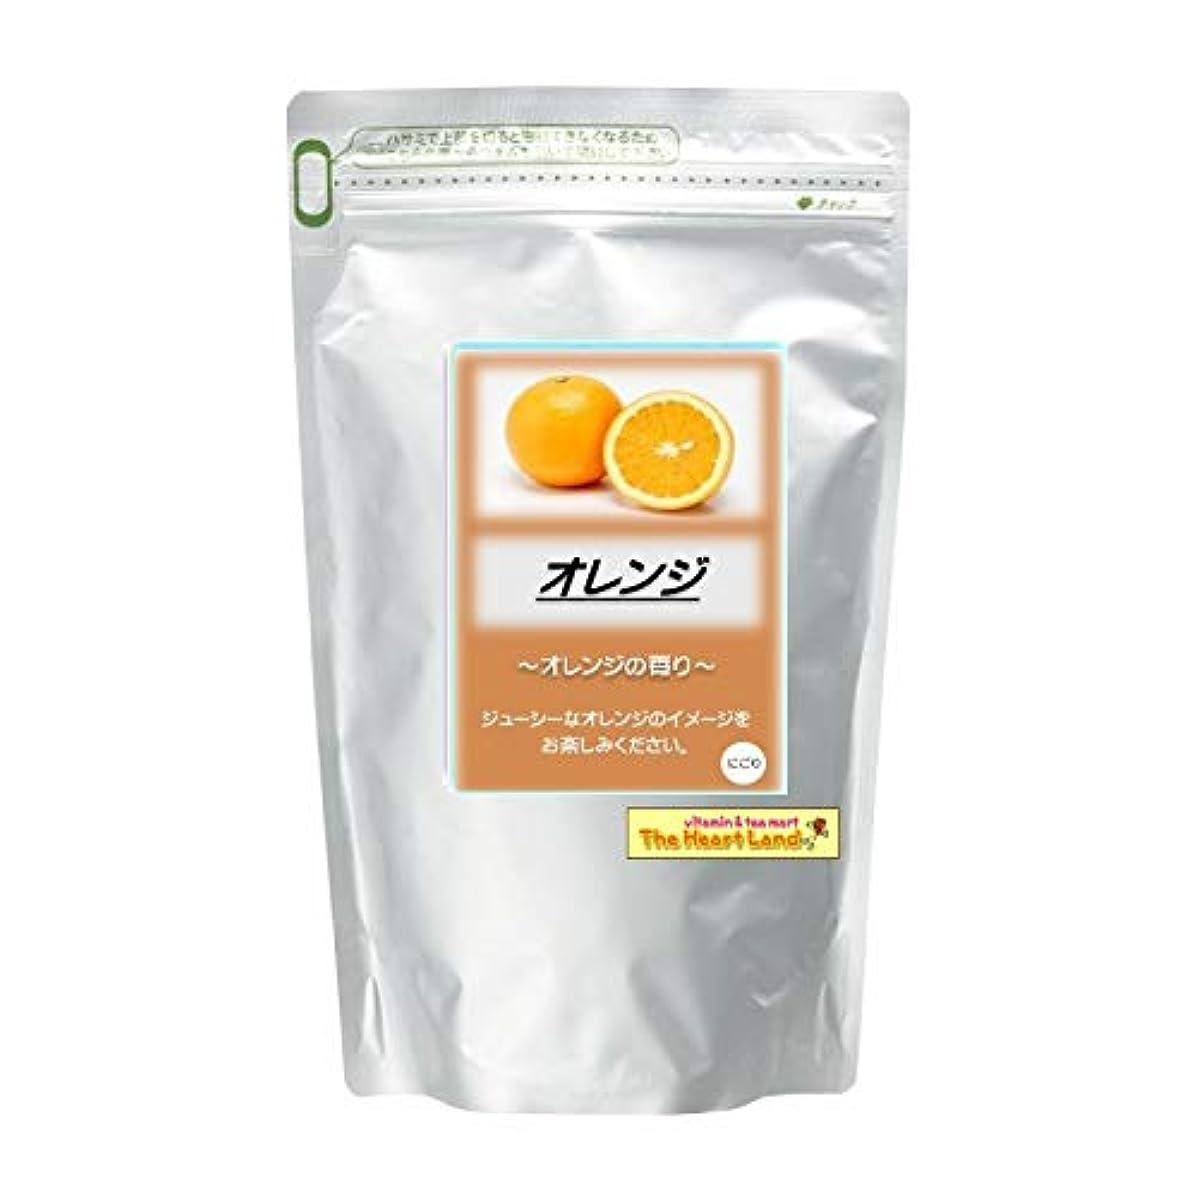 生態学倍率粘り強いアサヒ入浴剤 浴用入浴化粧品 オレンジ 300g